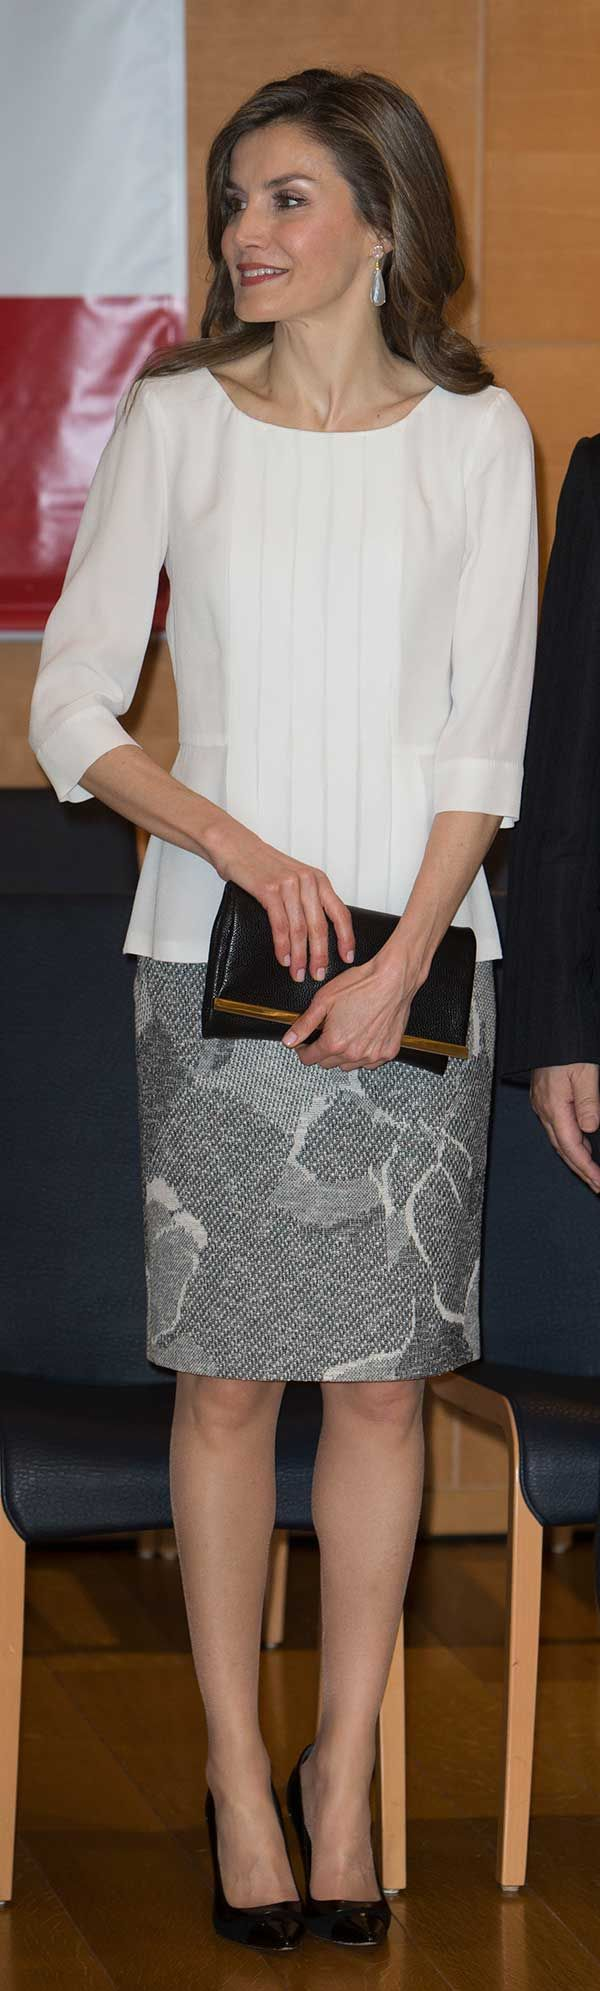 Por la mañana la Reina visitó el hospital Universitario de Keio, dónde disponen de un centro de investigación genética especializado en enfermedades raras. Para la cita, doña Letizia estrenó una falda gris de Hugo Boss, con una camisa de la misma firma, unos salones negros de Magrit, pendientes de TOUS y una cartera de mano de Carolina Herrera